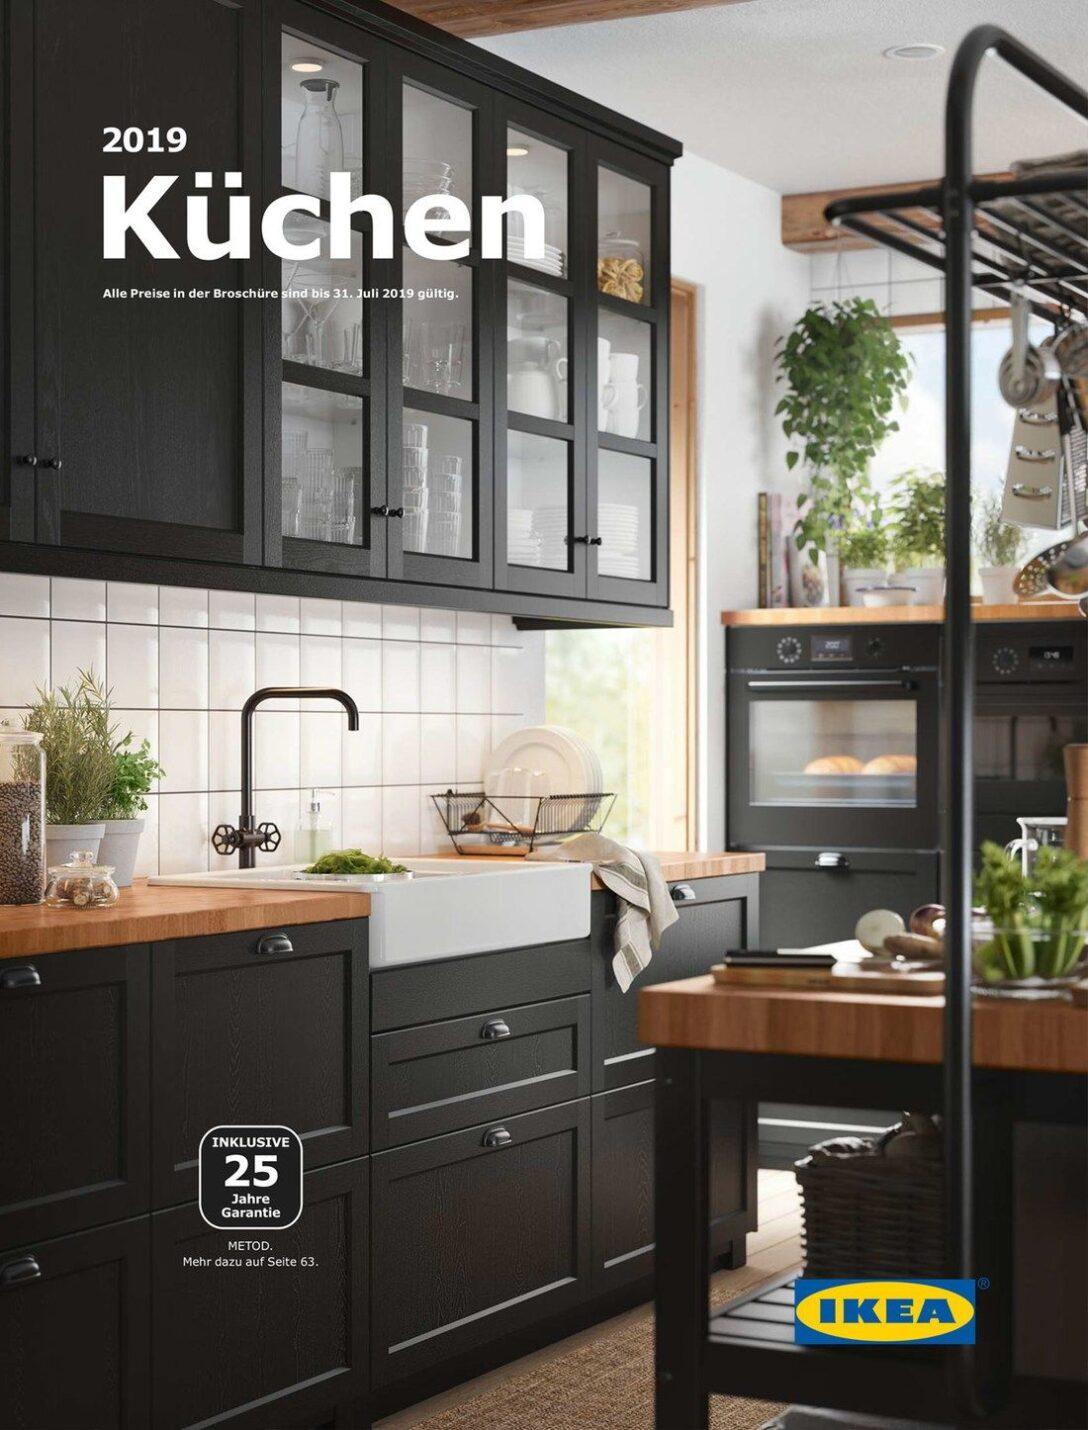 Large Size of Katalog Fr 2020 Kchen Mbel Ikea Miniküche Singleküche Betten Bei Modulküche Sofa Mit Schlaffunktion Kühlschrank Küchen Regal Küche Kosten 160x200 Single Wohnzimmer Single Küchen Ikea